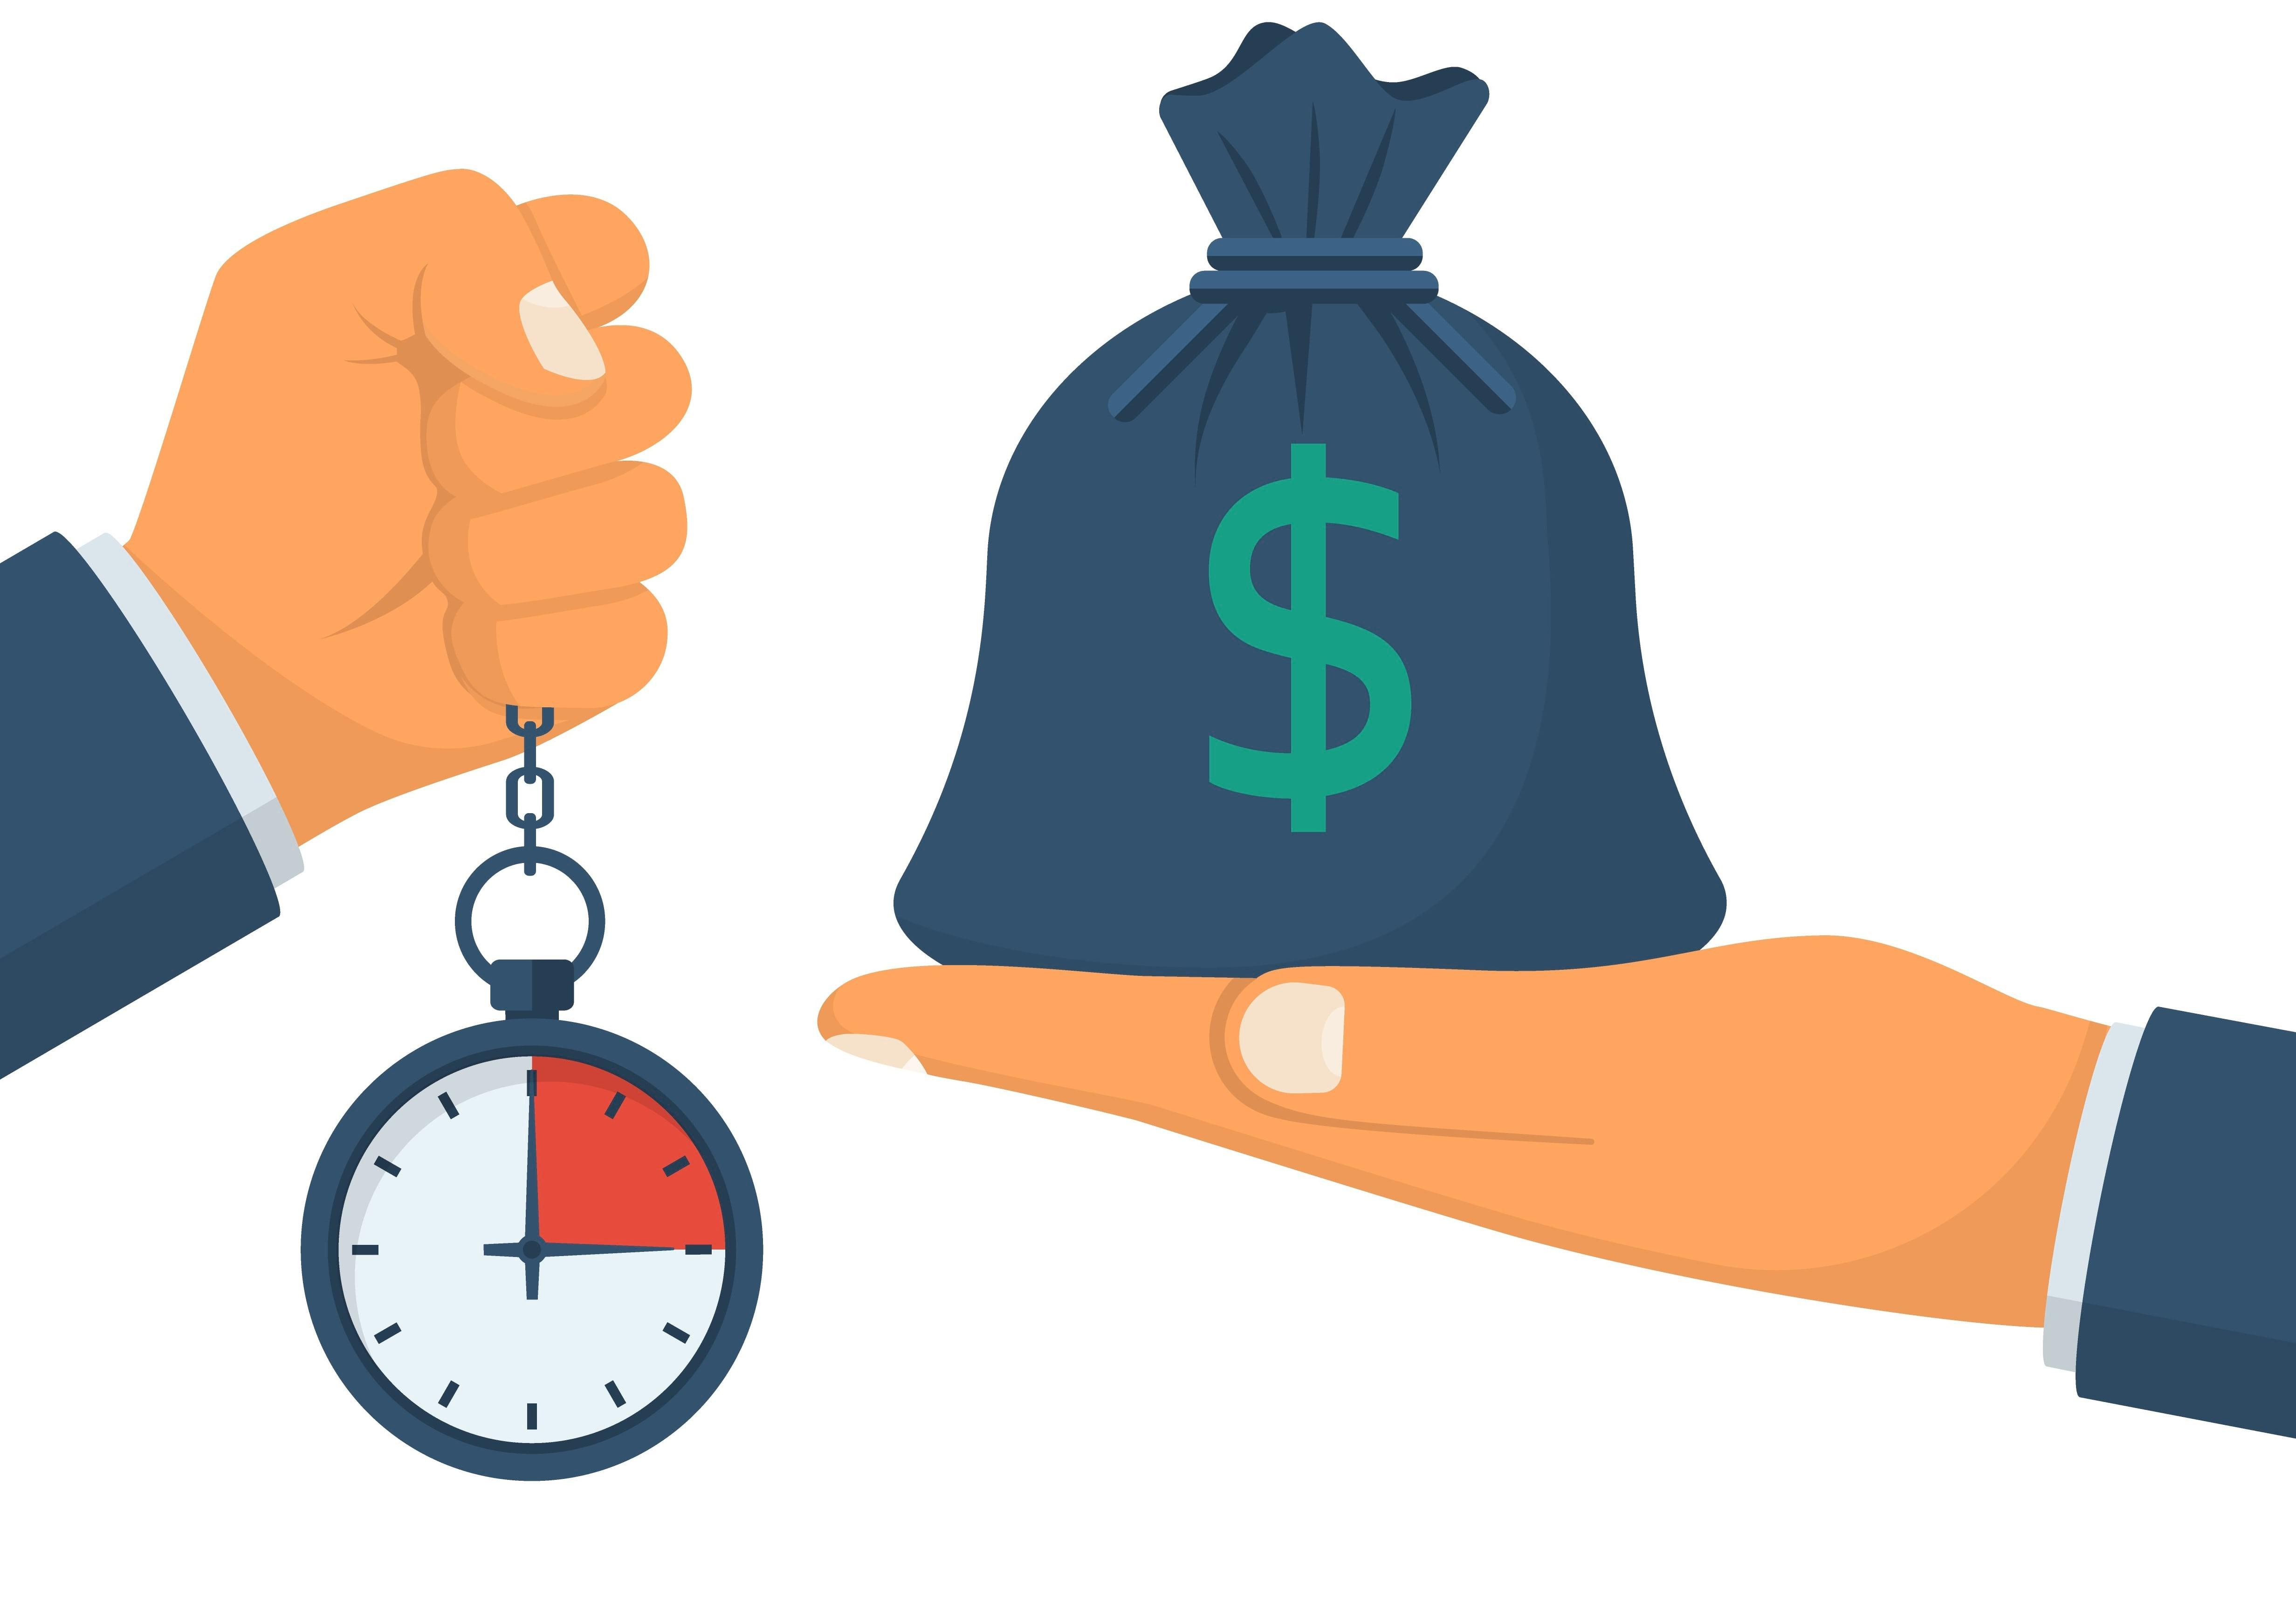 Reducerea NPL la 3% ar putea susține un volum suplimentar de credite de 22,6 miliarde lei